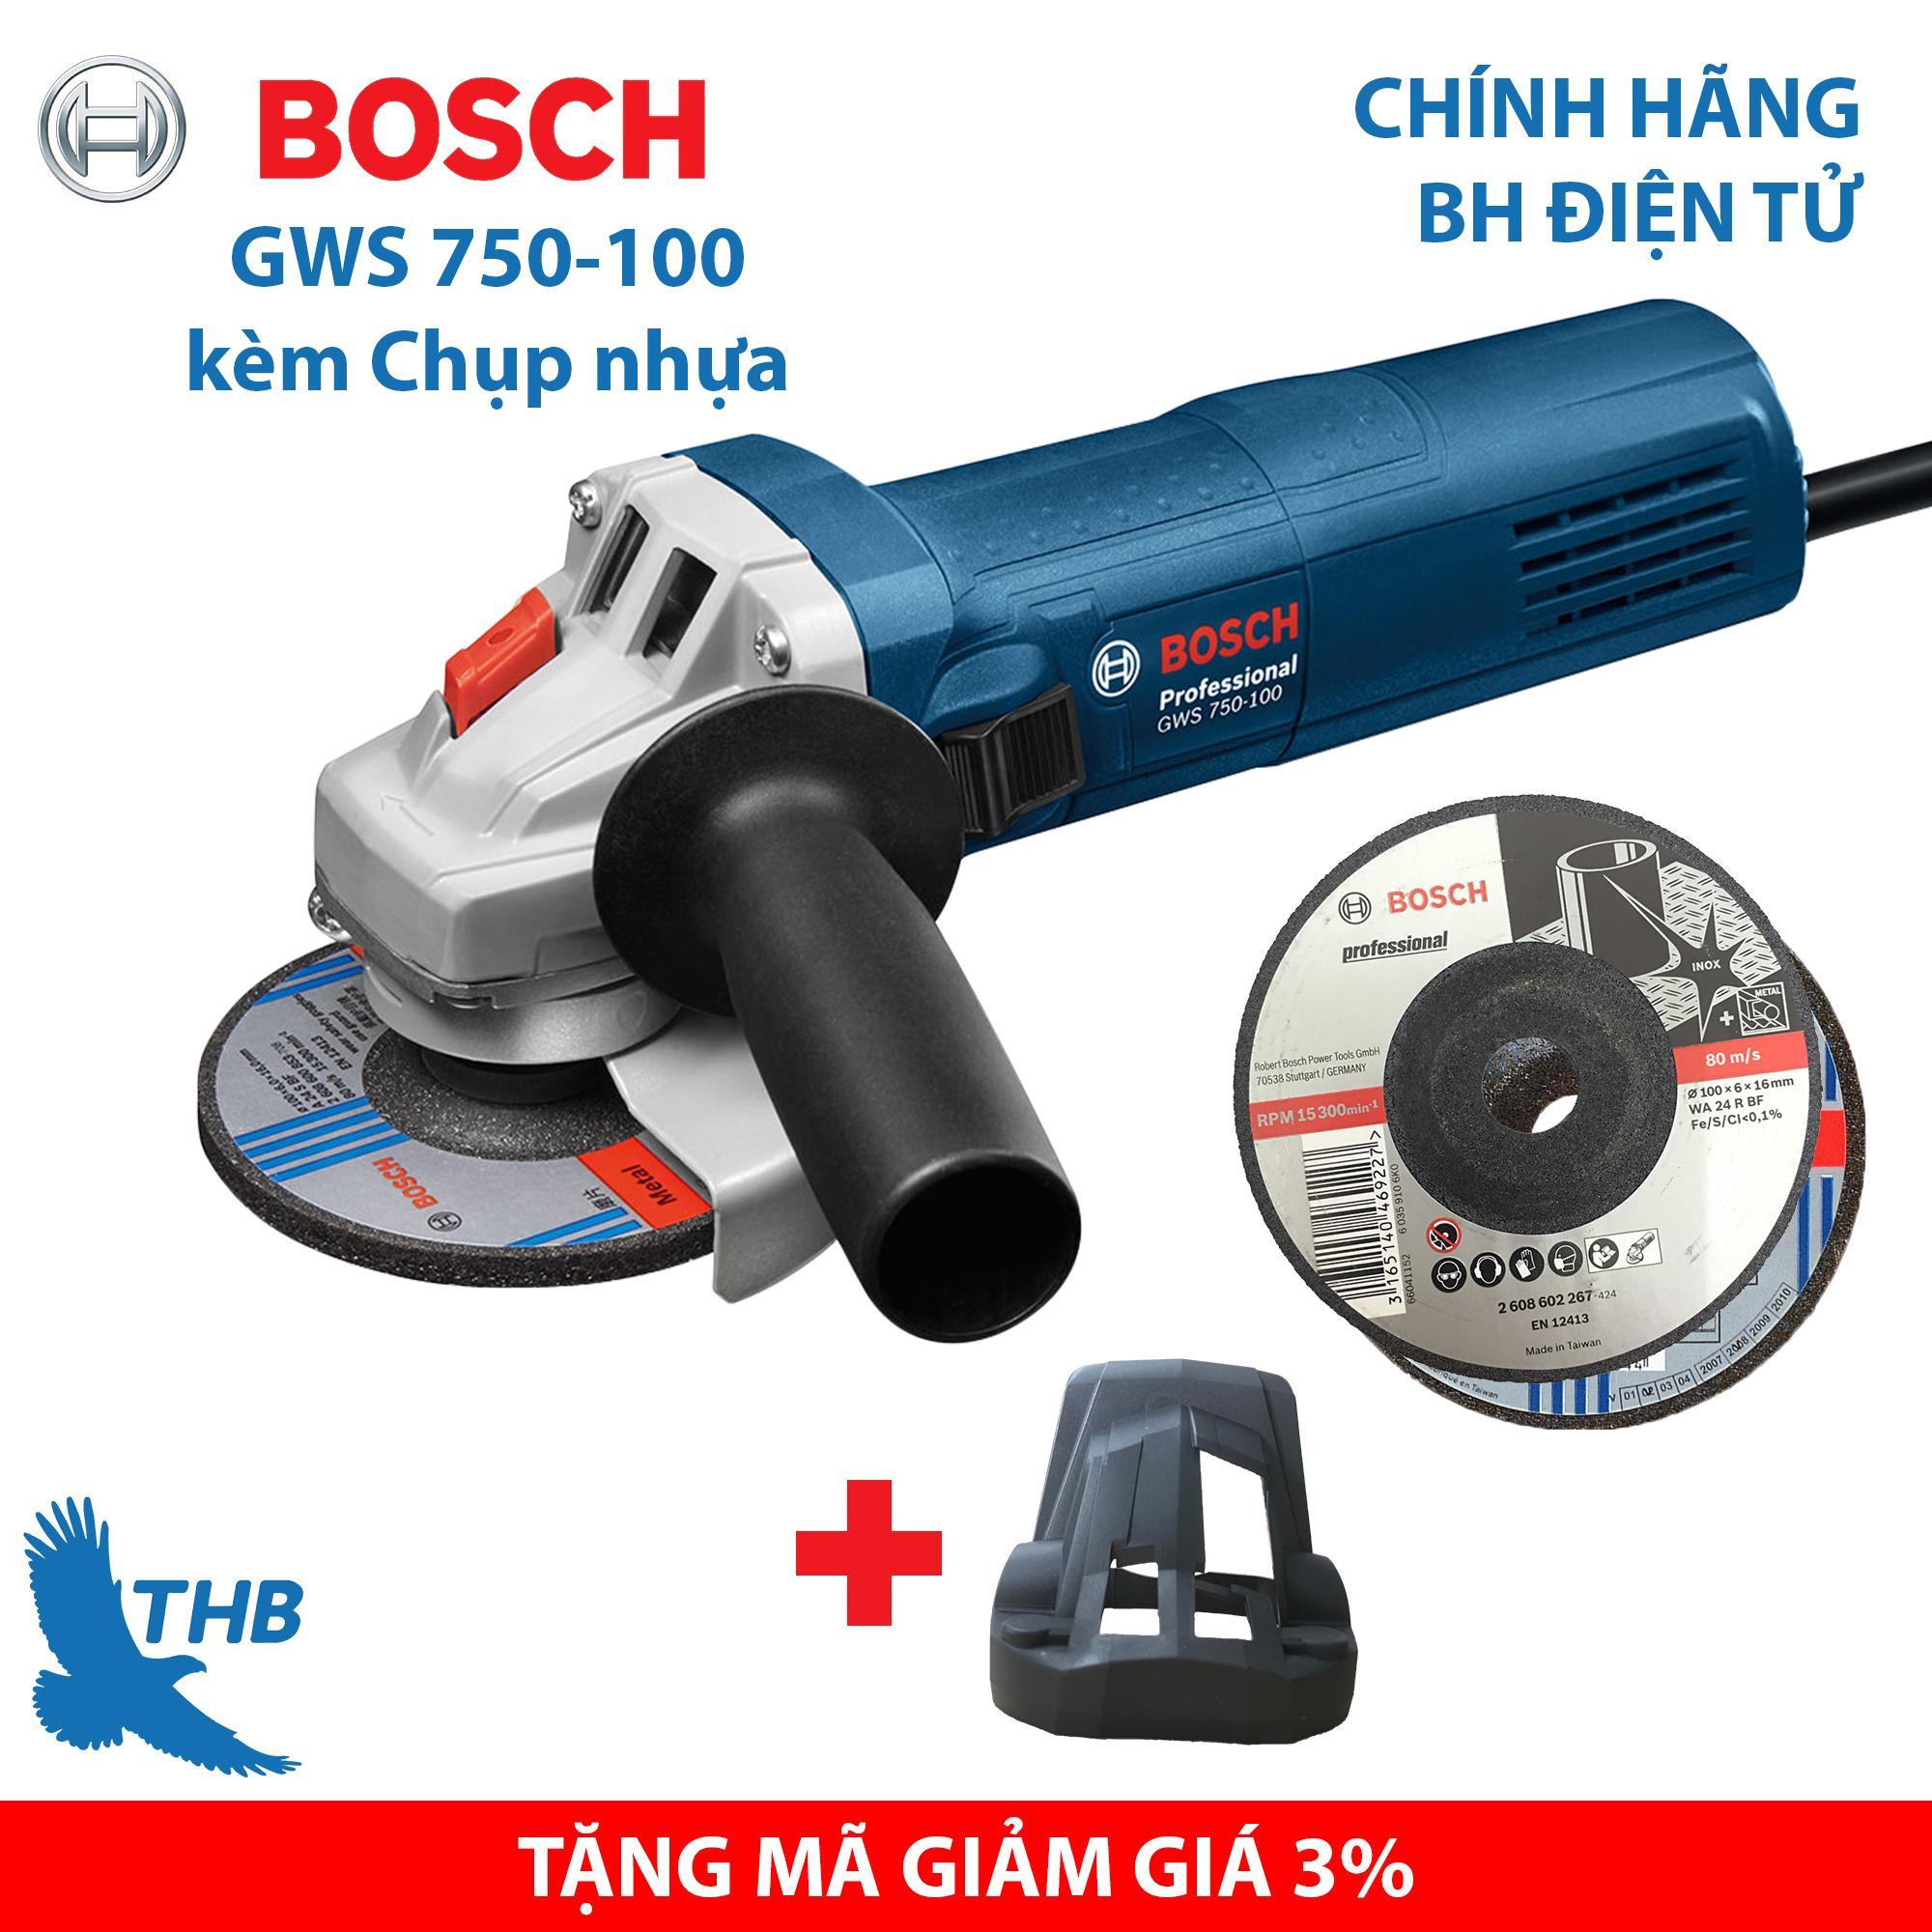 Máy mài góc Máy mài điện cầm tay Bosch GWS 750-100 kèm chụp nhựa tặng đá cắt mài Bảo hành điện tử 12 tháng